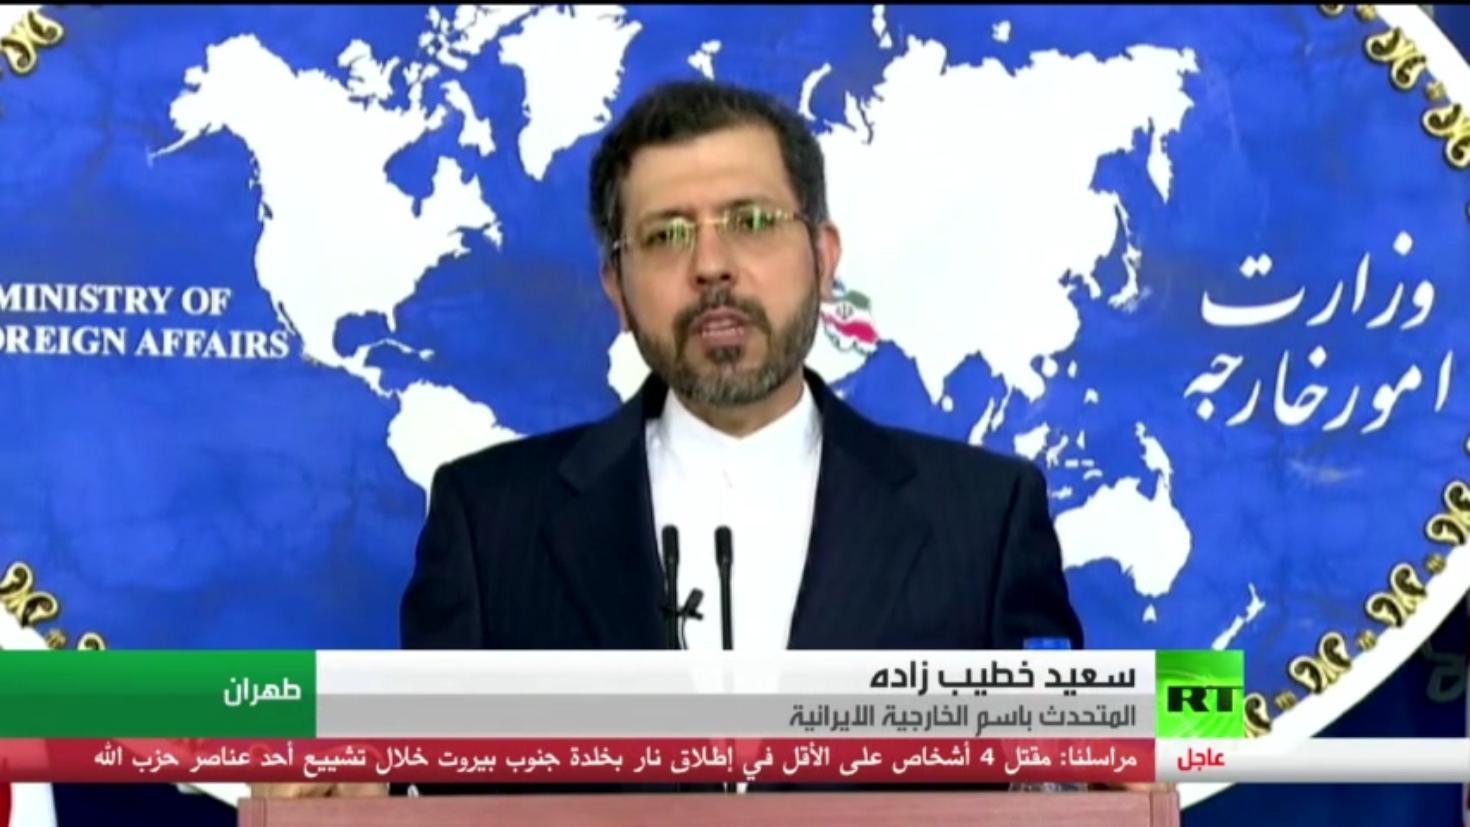 طهران تنفي ضلوعها بالهجوم على سفينة إسرائيل